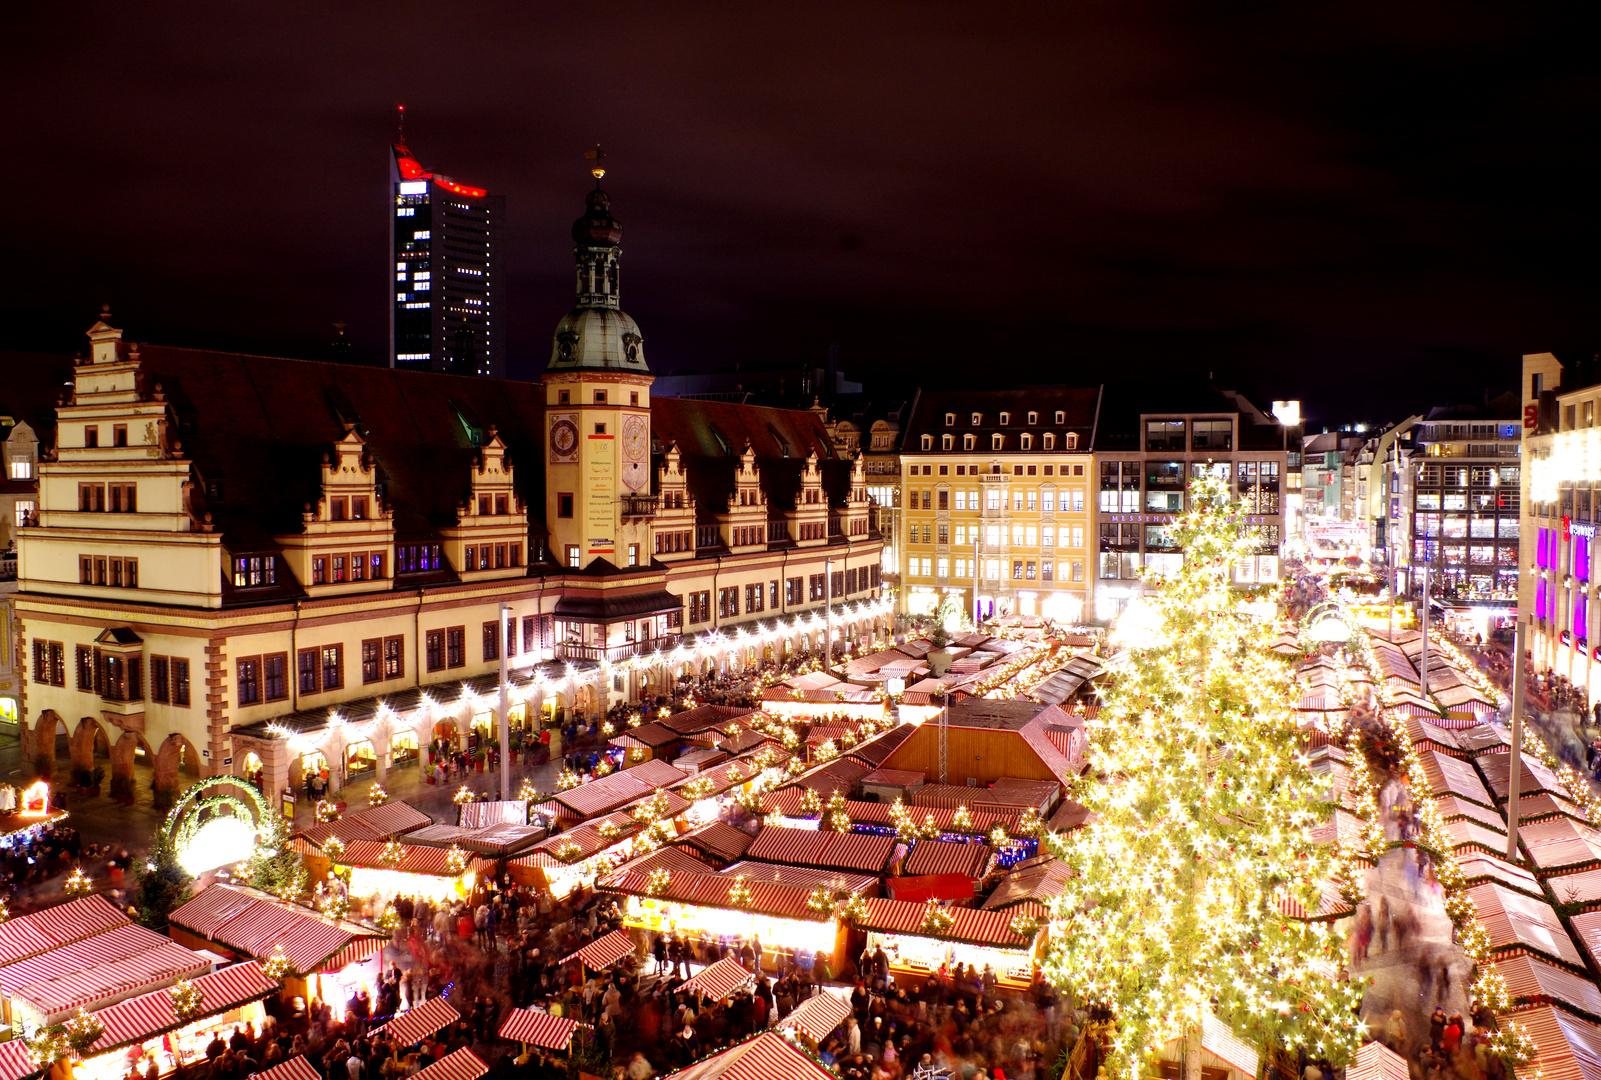 Leipziger Weihnachtsmarkt.Leipziger Weihnachtsmarkt Foto Bild Deutschland Europe